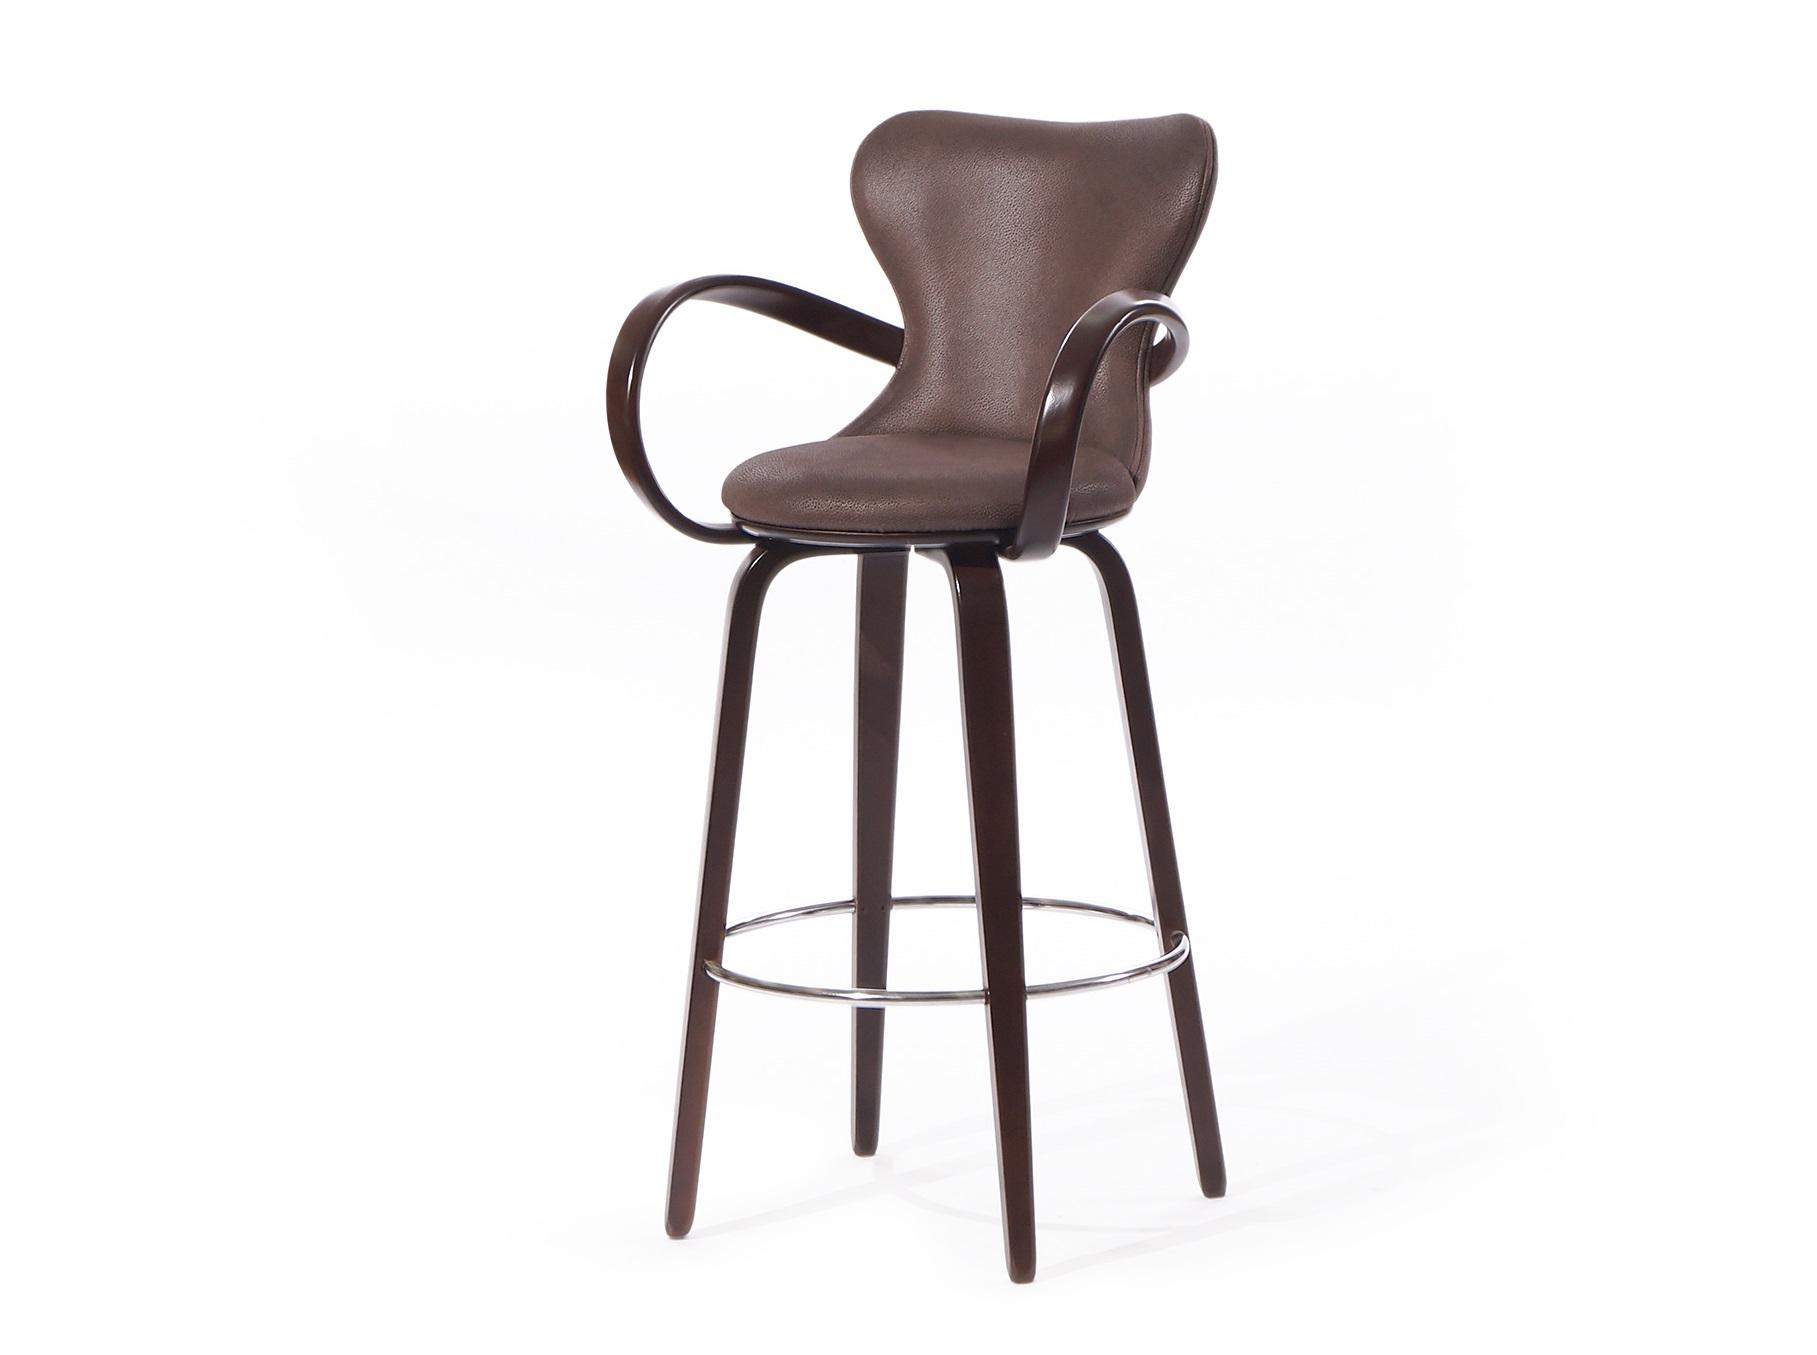 Стул барный Apriori SБарные стулья<br>&amp;lt;div&amp;gt;Барный стул из натурального гнутого дерева.&amp;amp;nbsp;&amp;lt;/div&amp;gt;&amp;lt;div&amp;gt;&amp;lt;br&amp;gt;&amp;lt;/div&amp;gt;&amp;lt;div&amp;gt;Высота от пола до верха сидения 70см .&amp;amp;nbsp;&amp;lt;/div&amp;gt;&amp;lt;div&amp;gt;Материал: натуральное дерево береза (9т венге).&amp;lt;/div&amp;gt;&amp;lt;div&amp;gt;Обивка: гранд каньон.&amp;lt;/div&amp;gt;<br><br>Material: Дерево<br>Length см: None<br>Width см: 53<br>Depth см: 53<br>Height см: 108